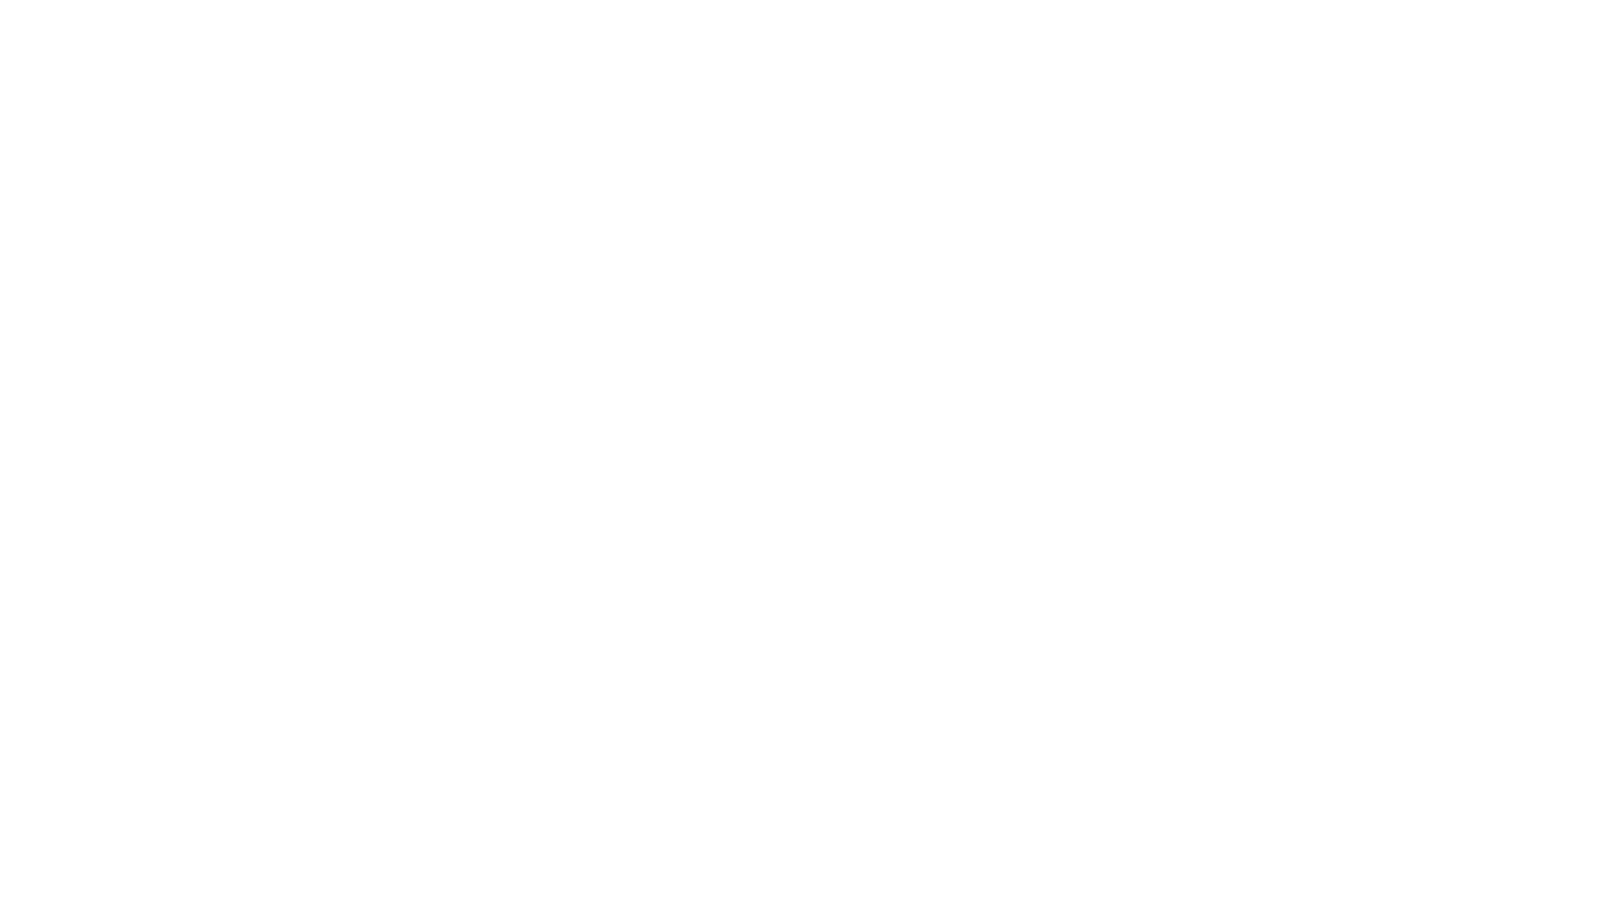 Alle elezioni amministrative del 20 e 21 settembre sono candidato per il Consiglio comunale di Venezia con la lista Verde Progressista a sostegno del candidato sindaco Pier Paolo Baretta. Ecco alcune proposte che mi impegno di portare avanti:  Mettere al centro delle politiche dell'Amministrazione la scuola. Sostenere il commercio di vicinato. Proporre interventi che uniscano Ambiente, Lavoro e Salute.